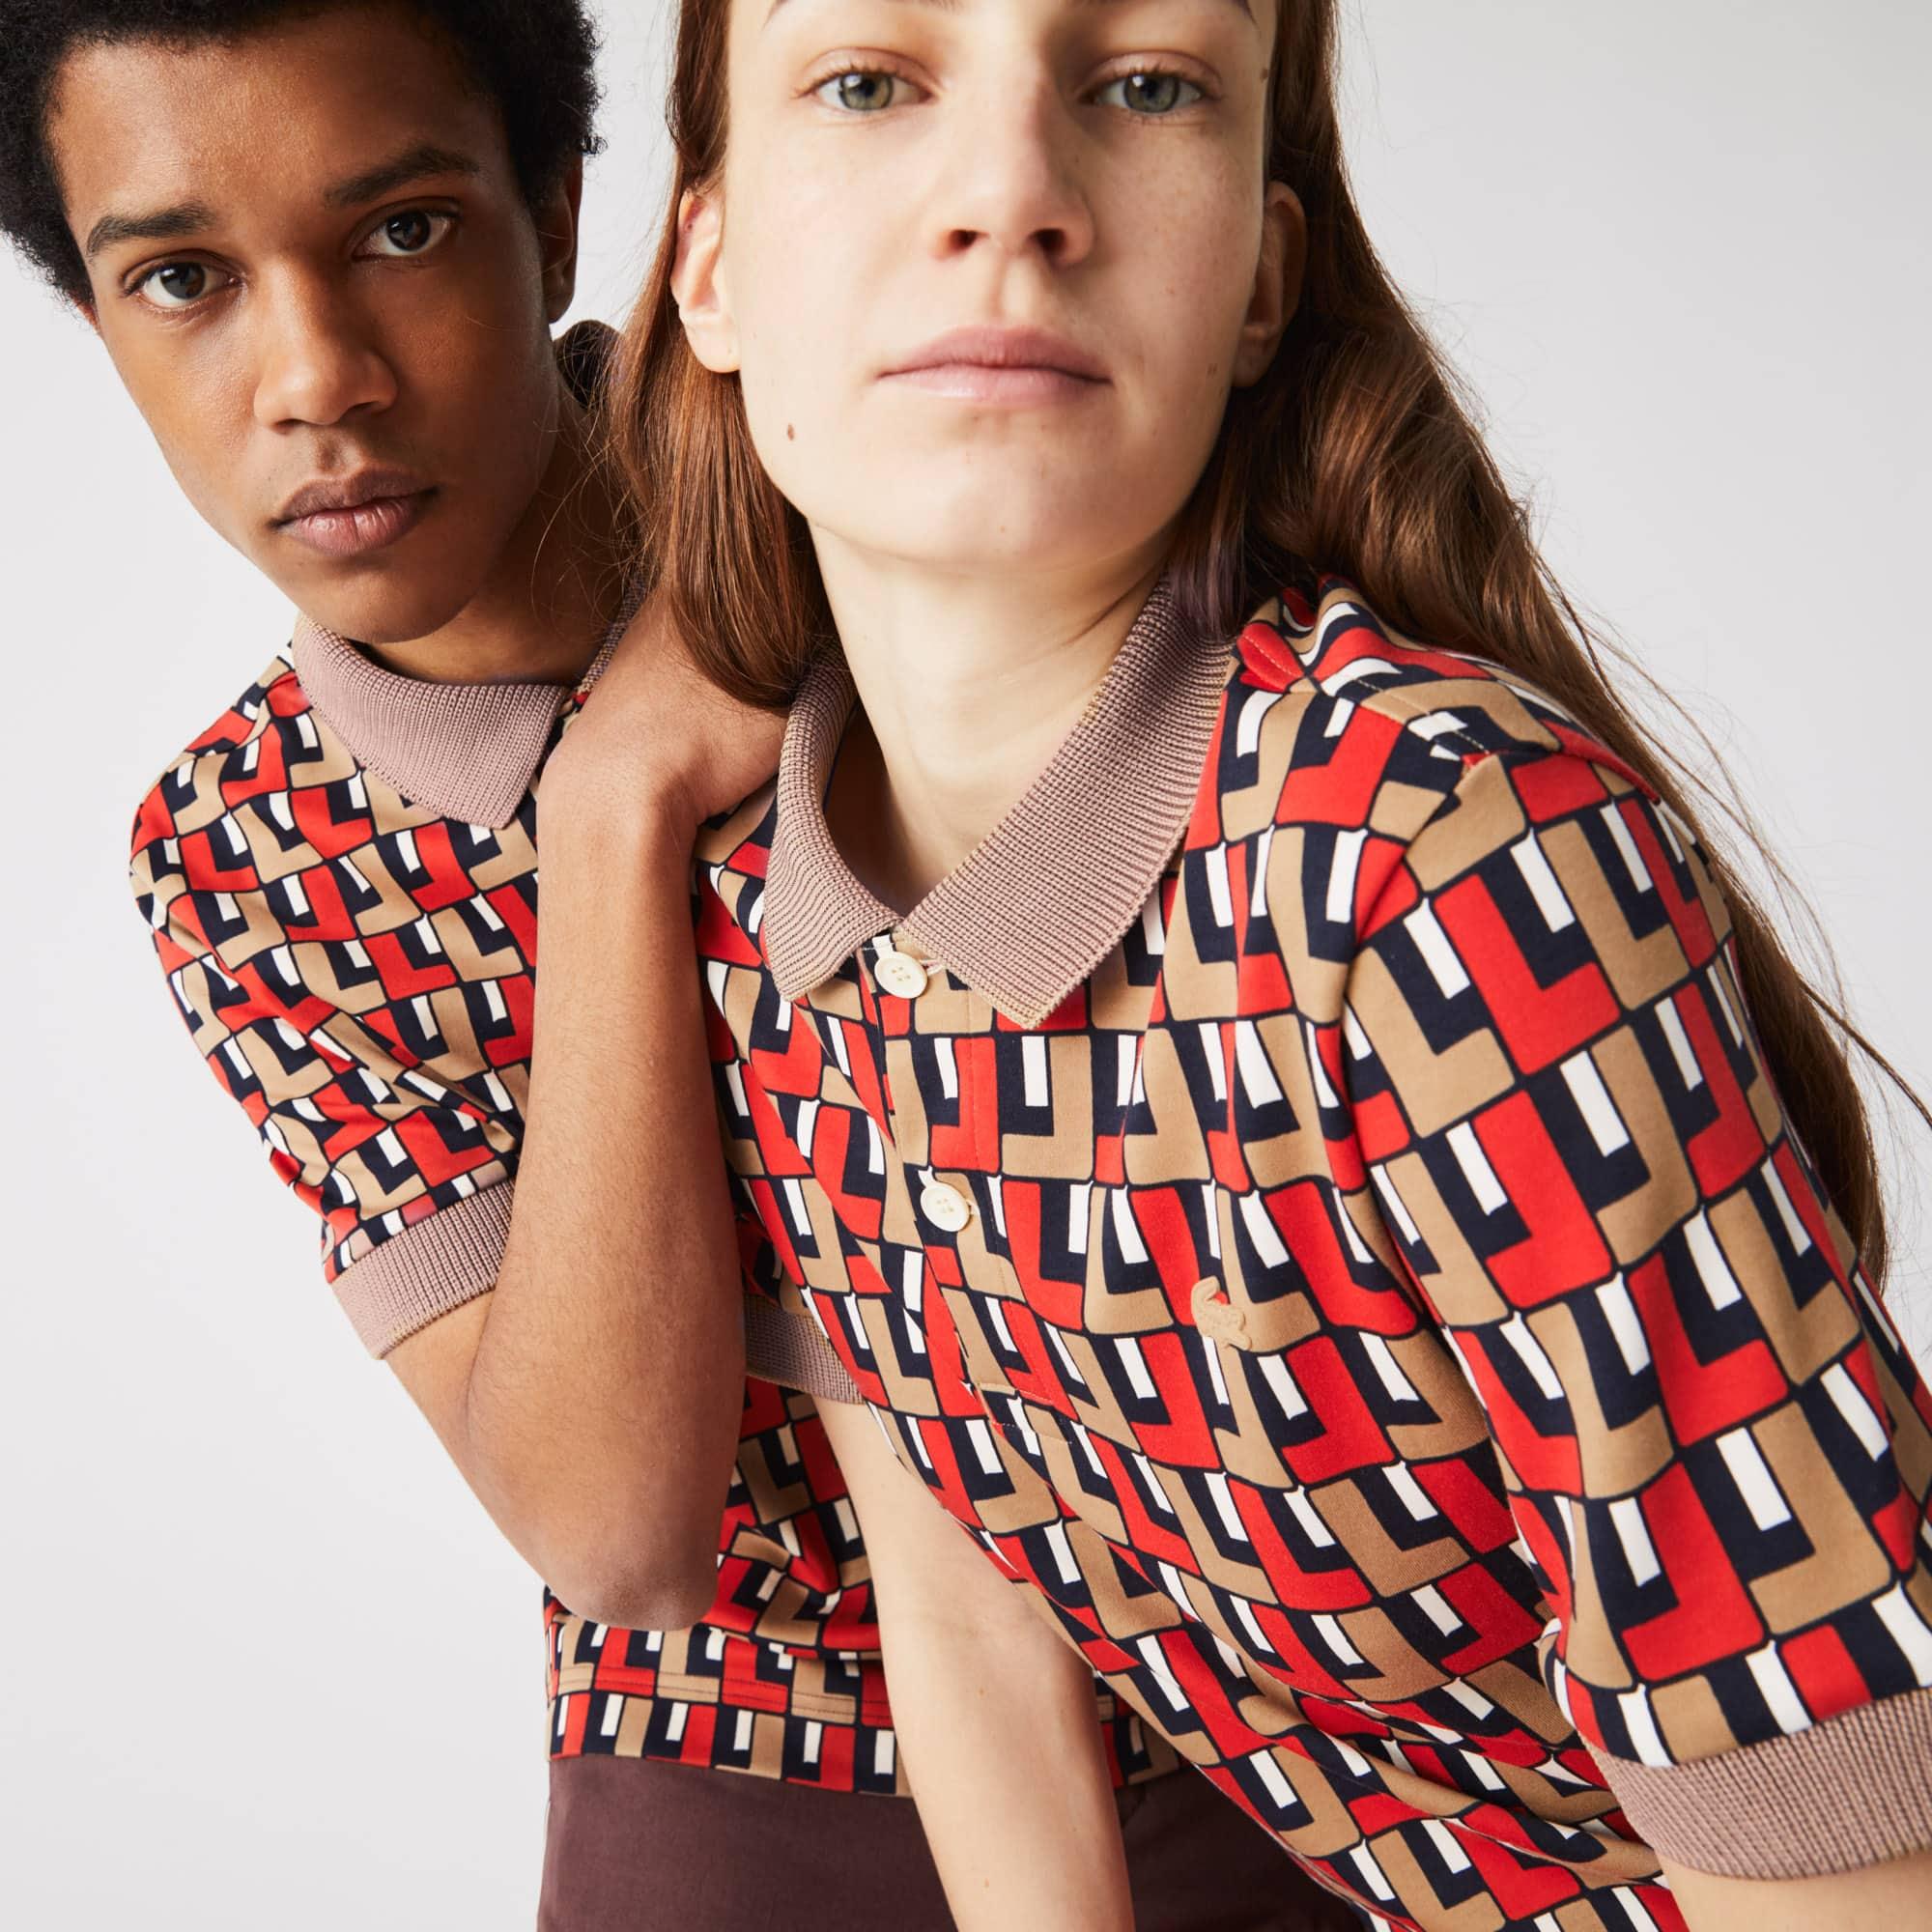 Polo unisexe Lacoste LIVE standard fit en coton imprimé Taille 5 - L Beige / Rouge